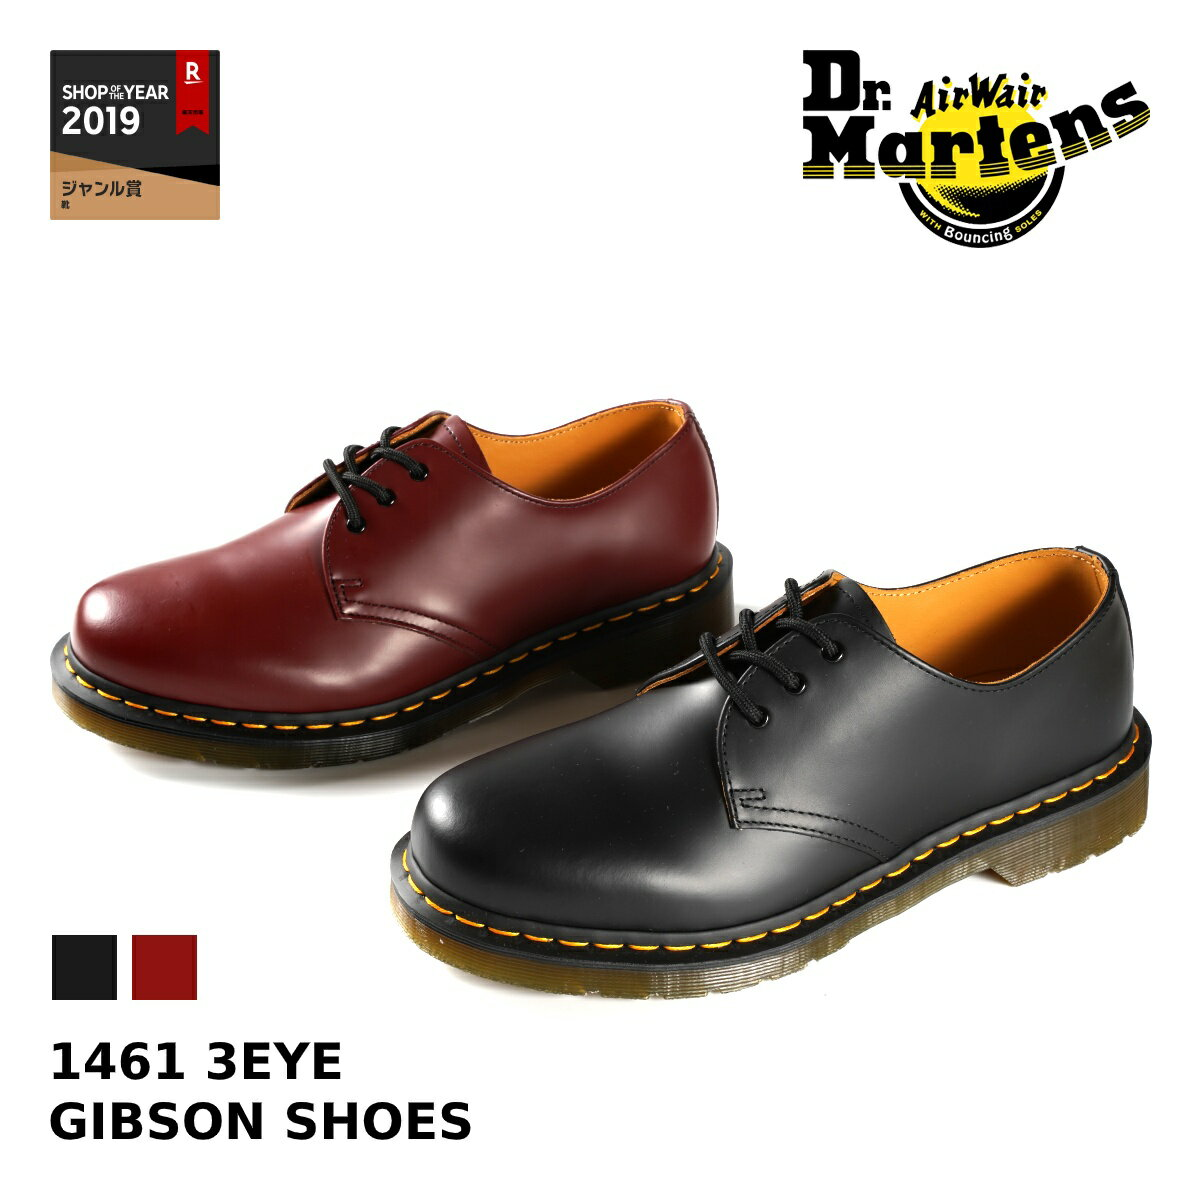 Dr.Martens 1461 3EYE GIBSON SHOES 【メンズ】【レディース】ドクター マーチン 3アイレット ギブソンシュー 3ホール BLACK(11838002) / CHERRY(11838600)